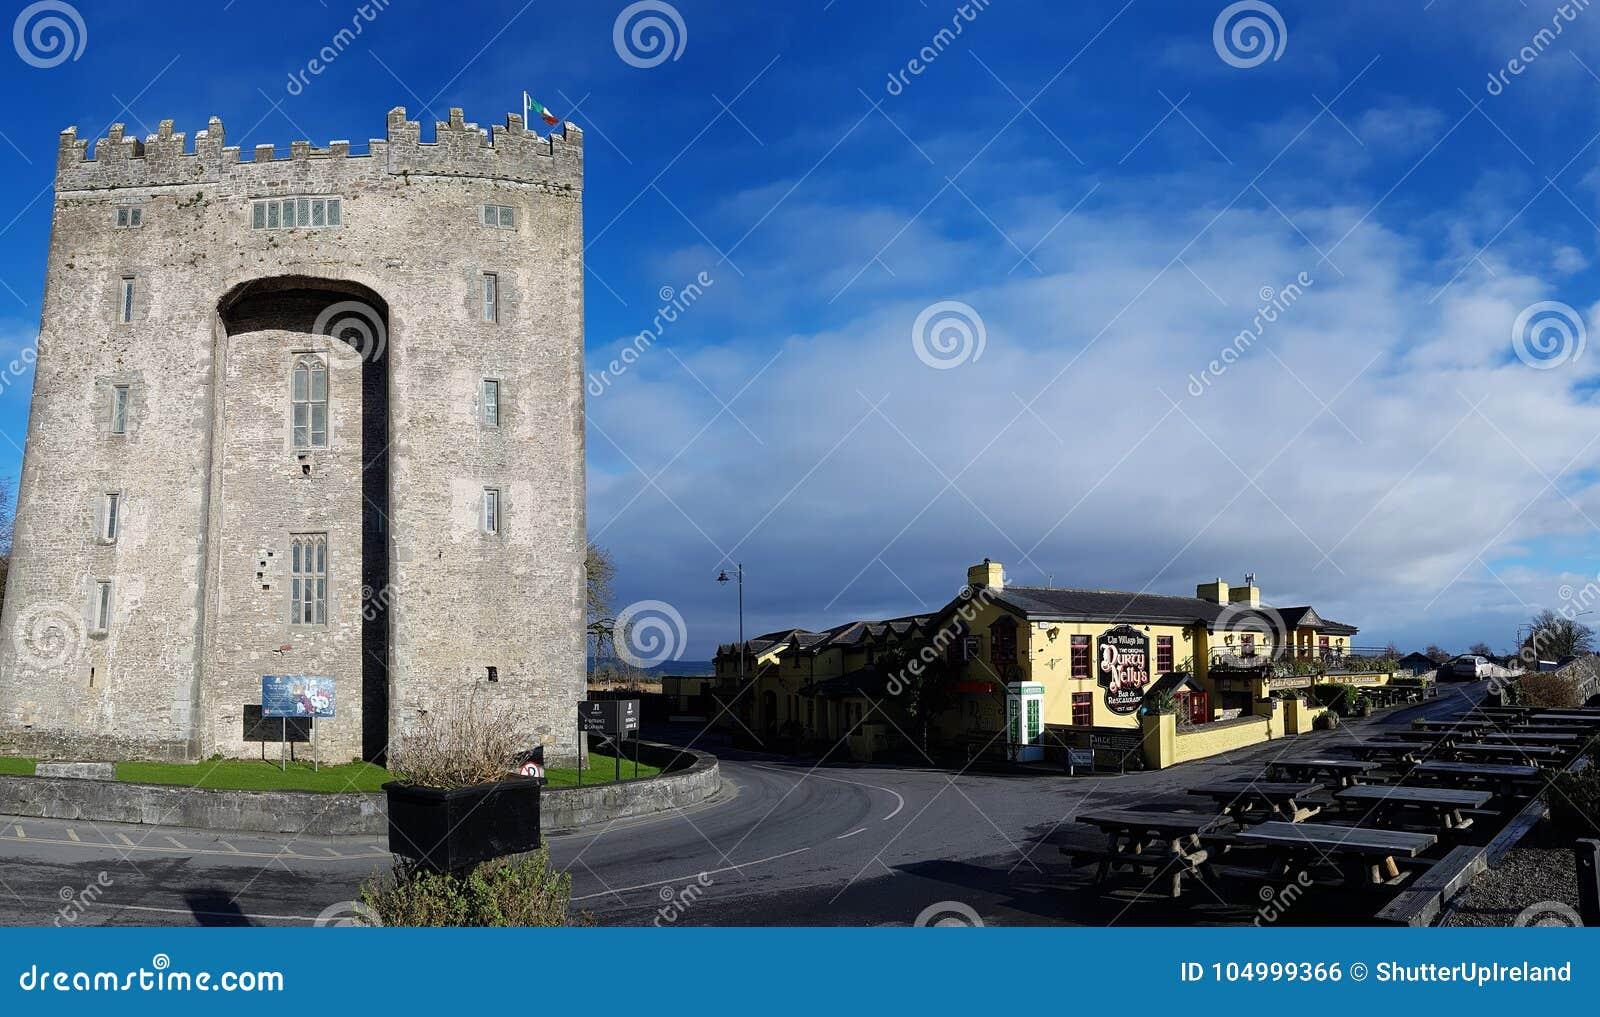 Ιρλανδία - 30 Νοεμβρίου 2017: Όμορφη άποψη της Ιρλανδίας ` s το διασημότερο Castle και του ιρλανδικού μπαρ στη κομητεία Clare